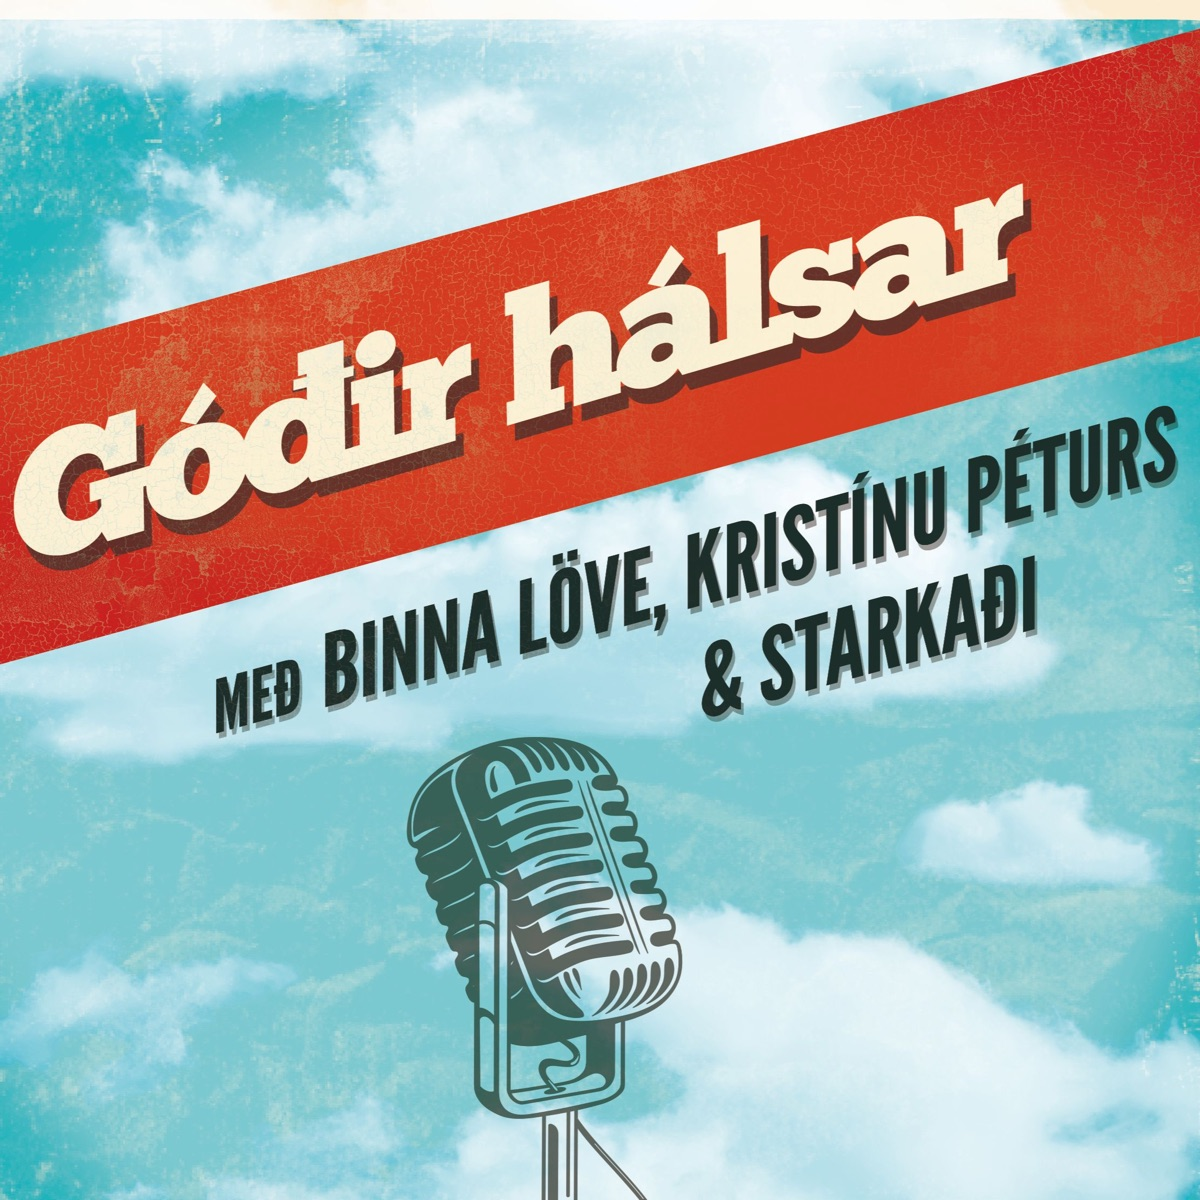 6. Góðir Hálsar - Af útihátíðum og öðru skemmtanahaldi